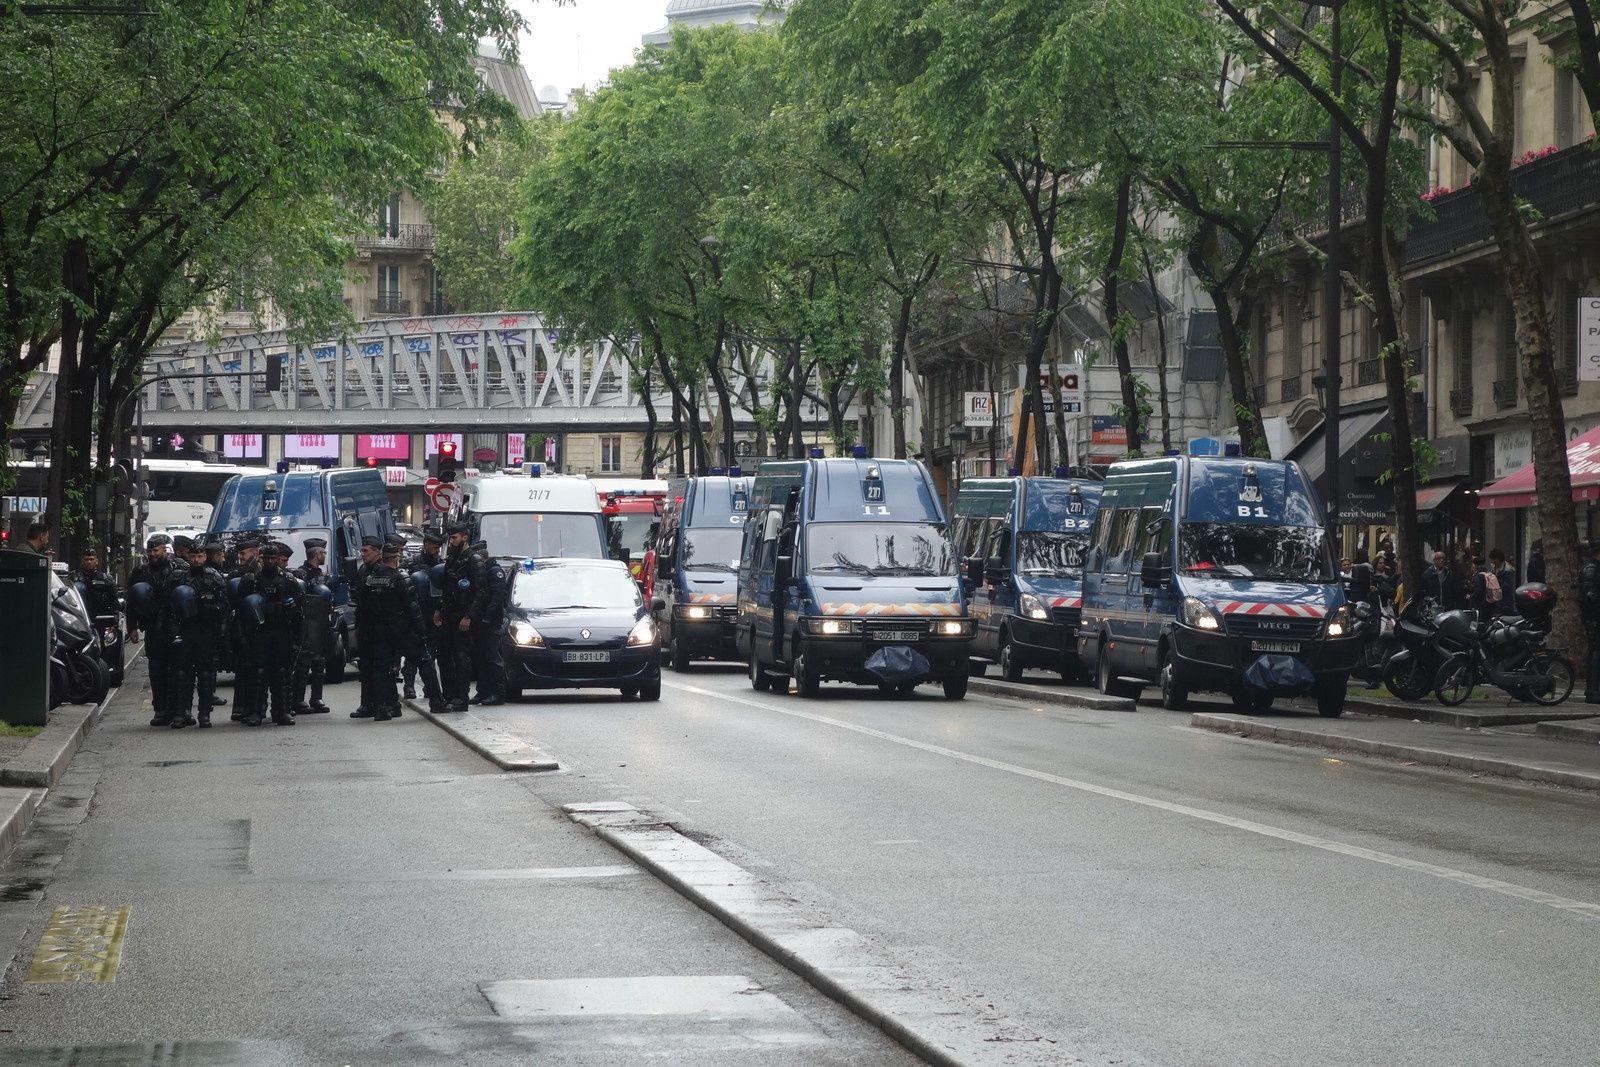 Déploiement des forces de police le 4 mai dernier, près de Gare du Nord, à Paris.